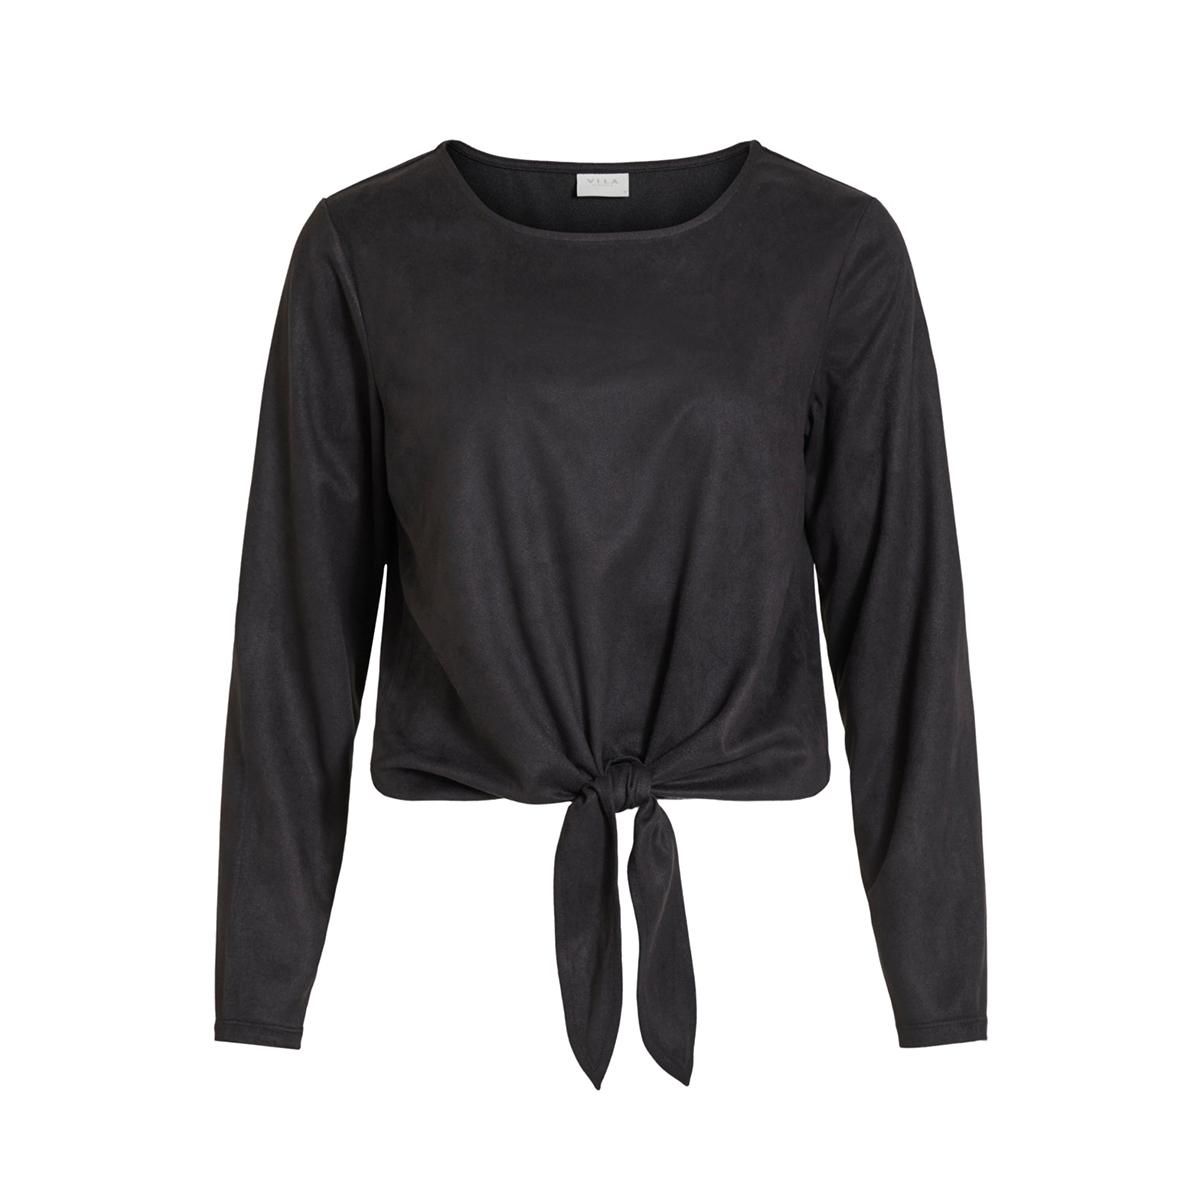 visuella l/s top 14056952 vila t-shirt black